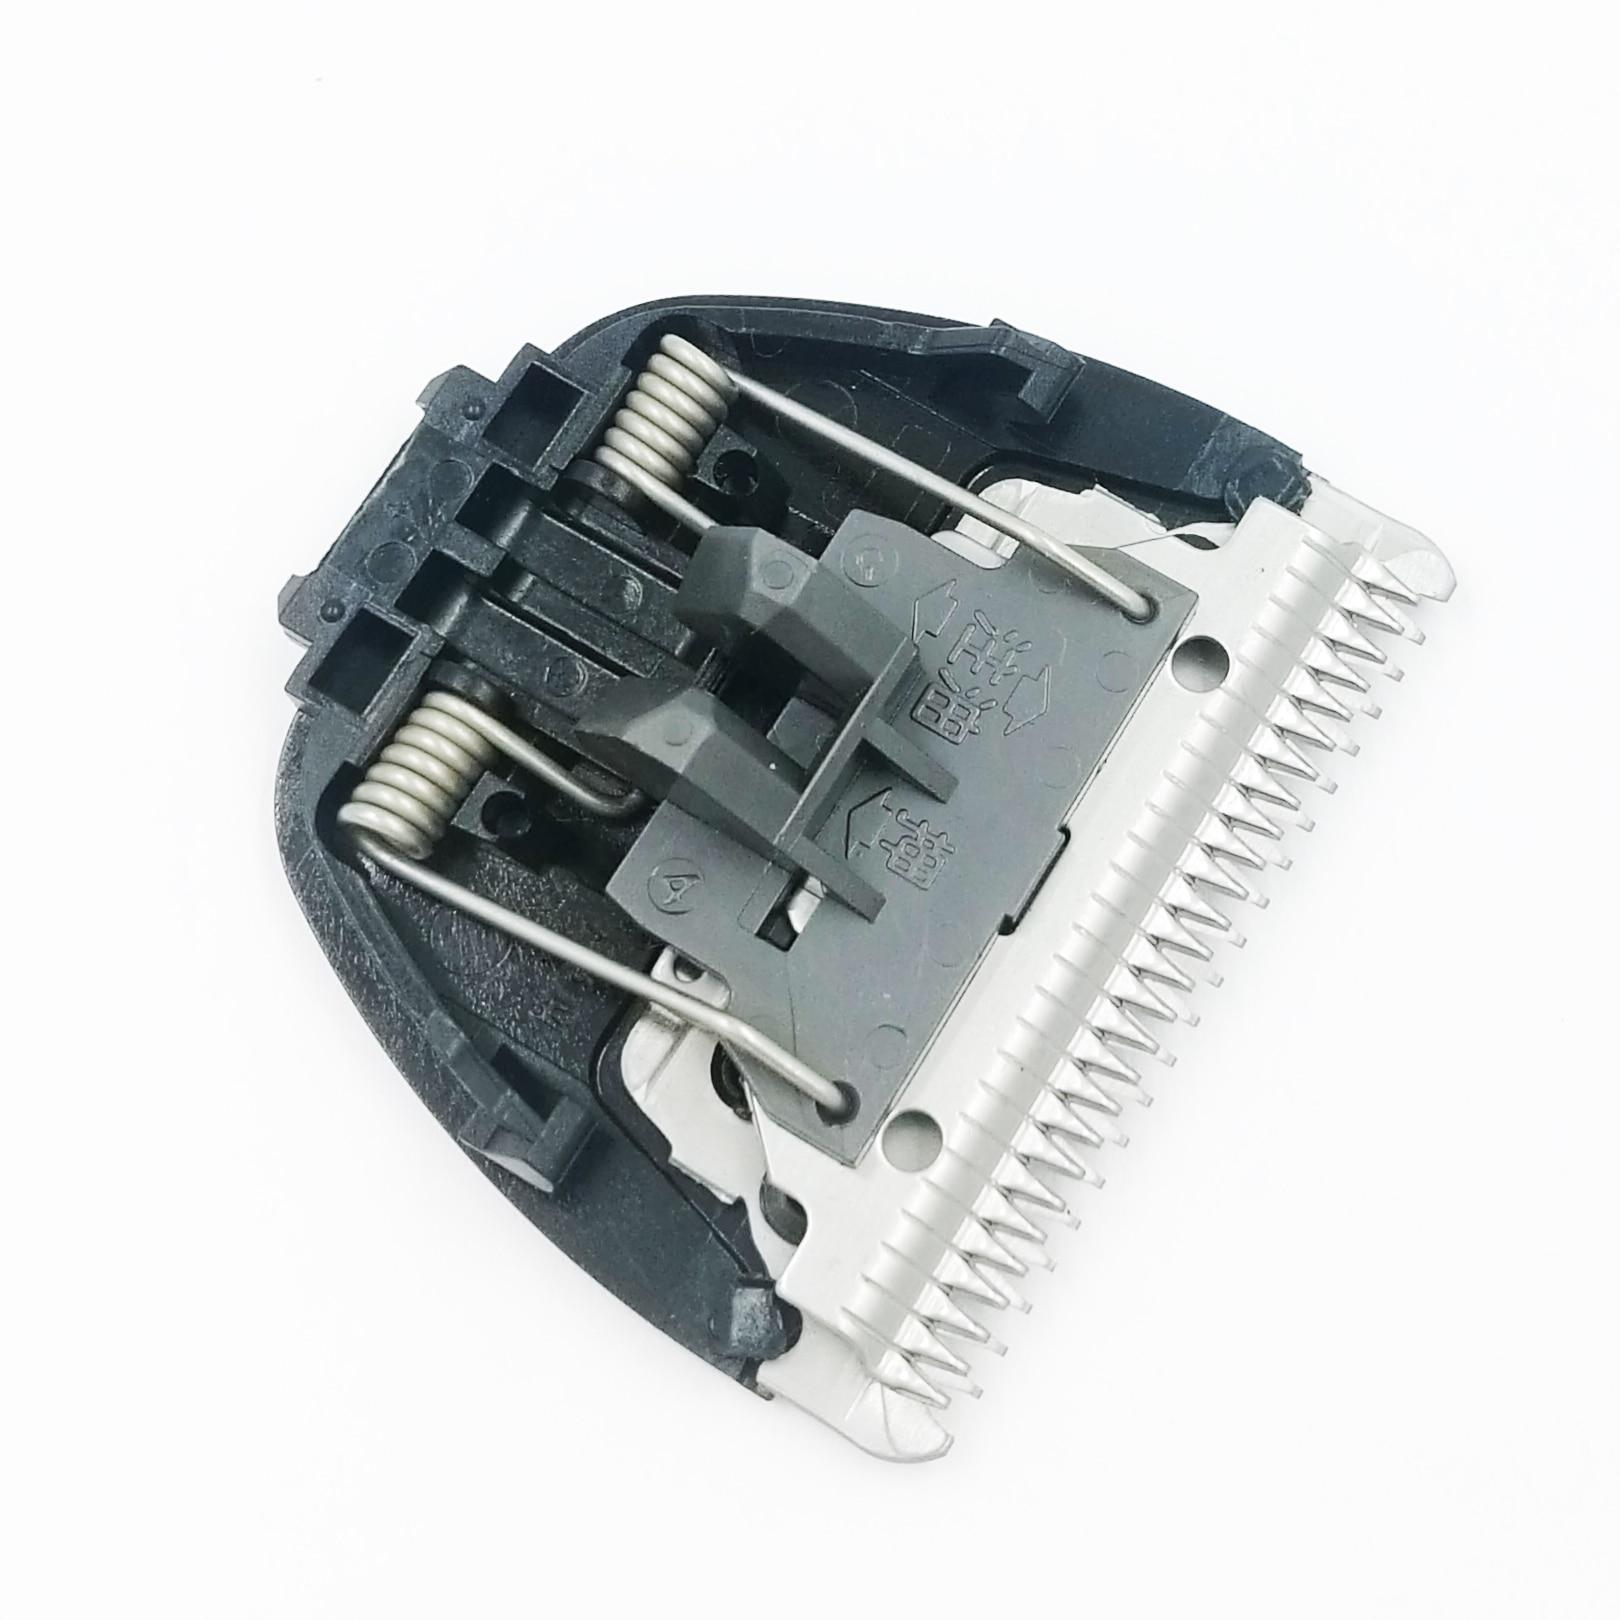 Электрический триммер для волос, машинка для стрижки волос, Сменная головка для Panasonic ER503 ER506 ER504 ER508 ER145 ER1410 ER1411 ER431 ER502 ER131